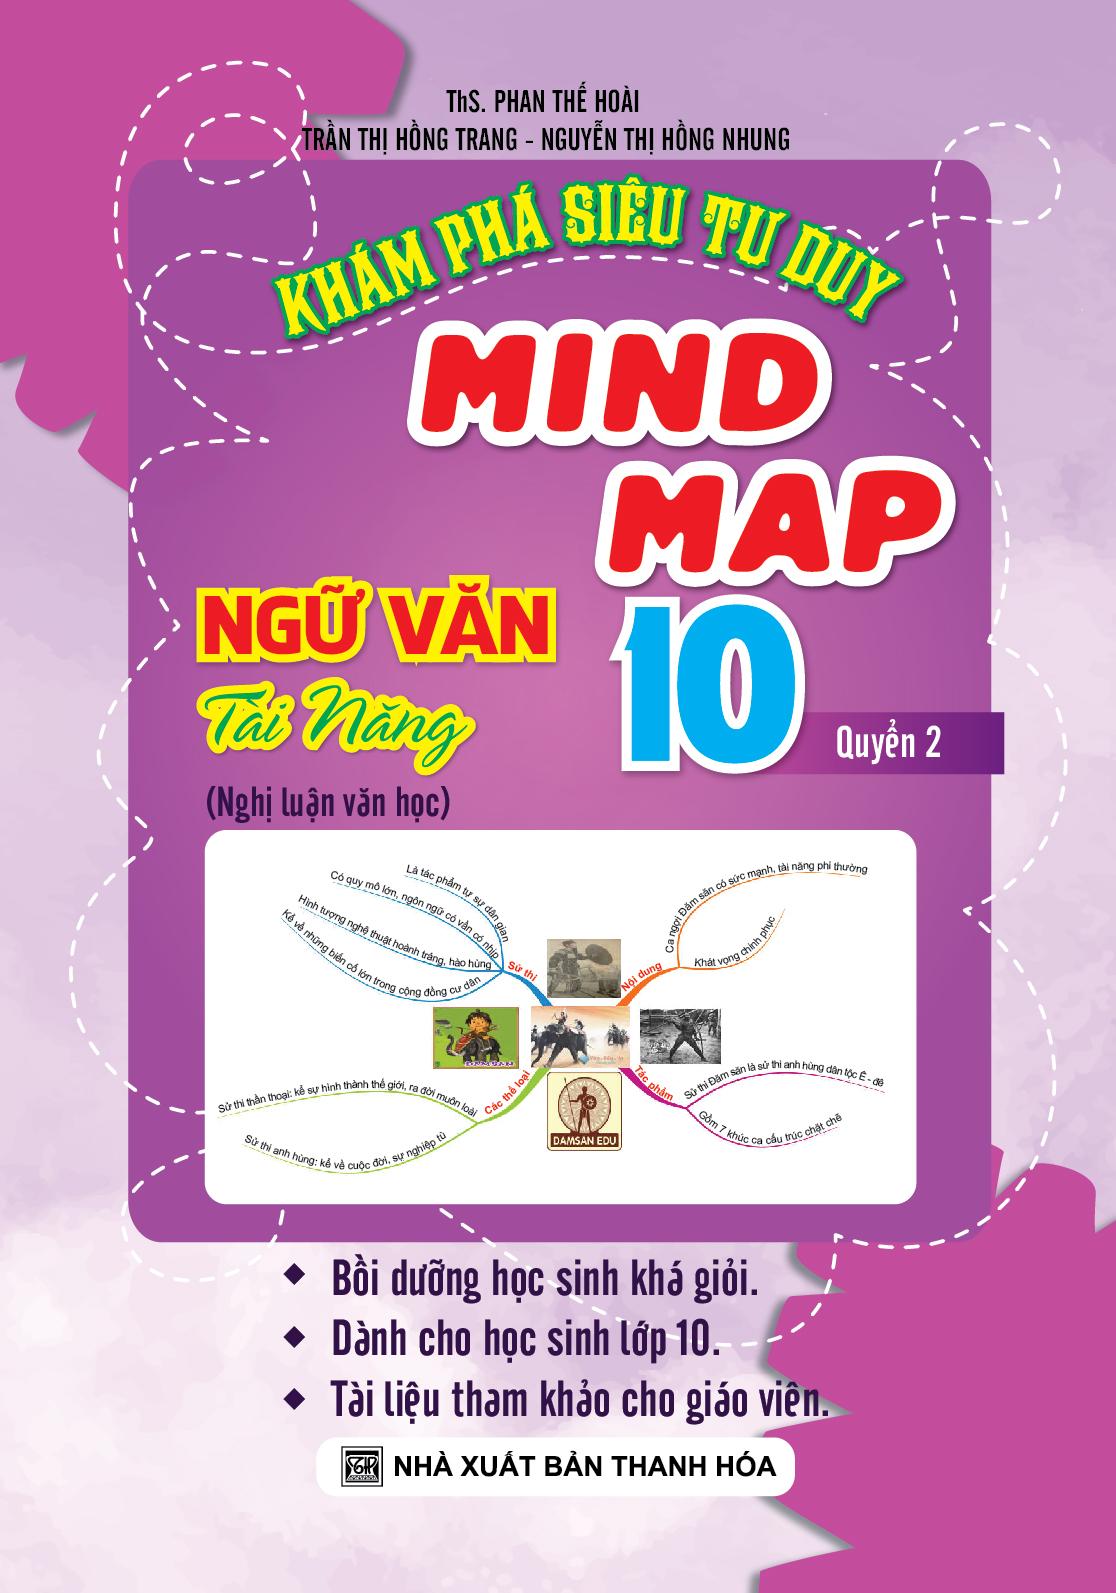 Khám Phá Siêu Tư Duy Mind Map Ngữ Văn Tài Năng 10 -Quyển 2 - EBOOK/PDF/PRC/EPUB